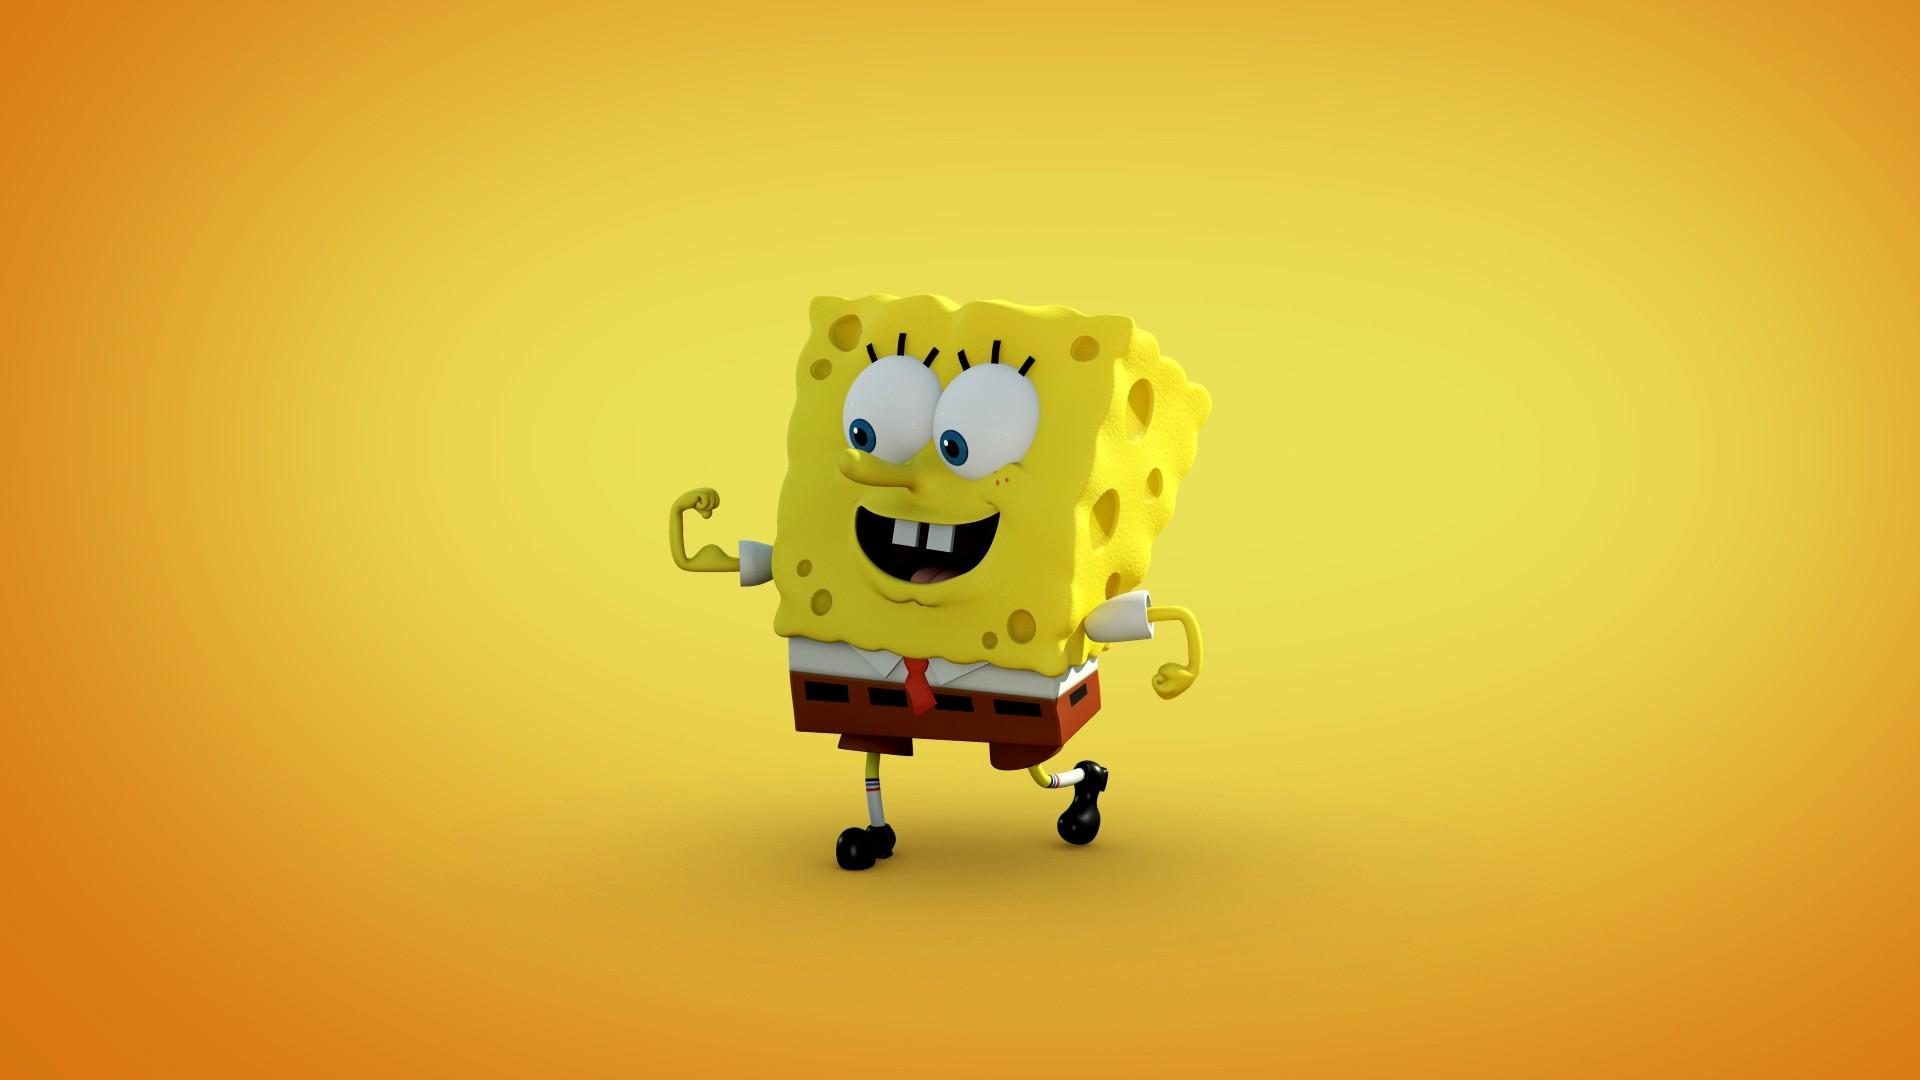 SpongeBob Wallpaper – Get your free SpongeBob Wallpaper | Download Wallpaper  | Pinterest | Illustrators